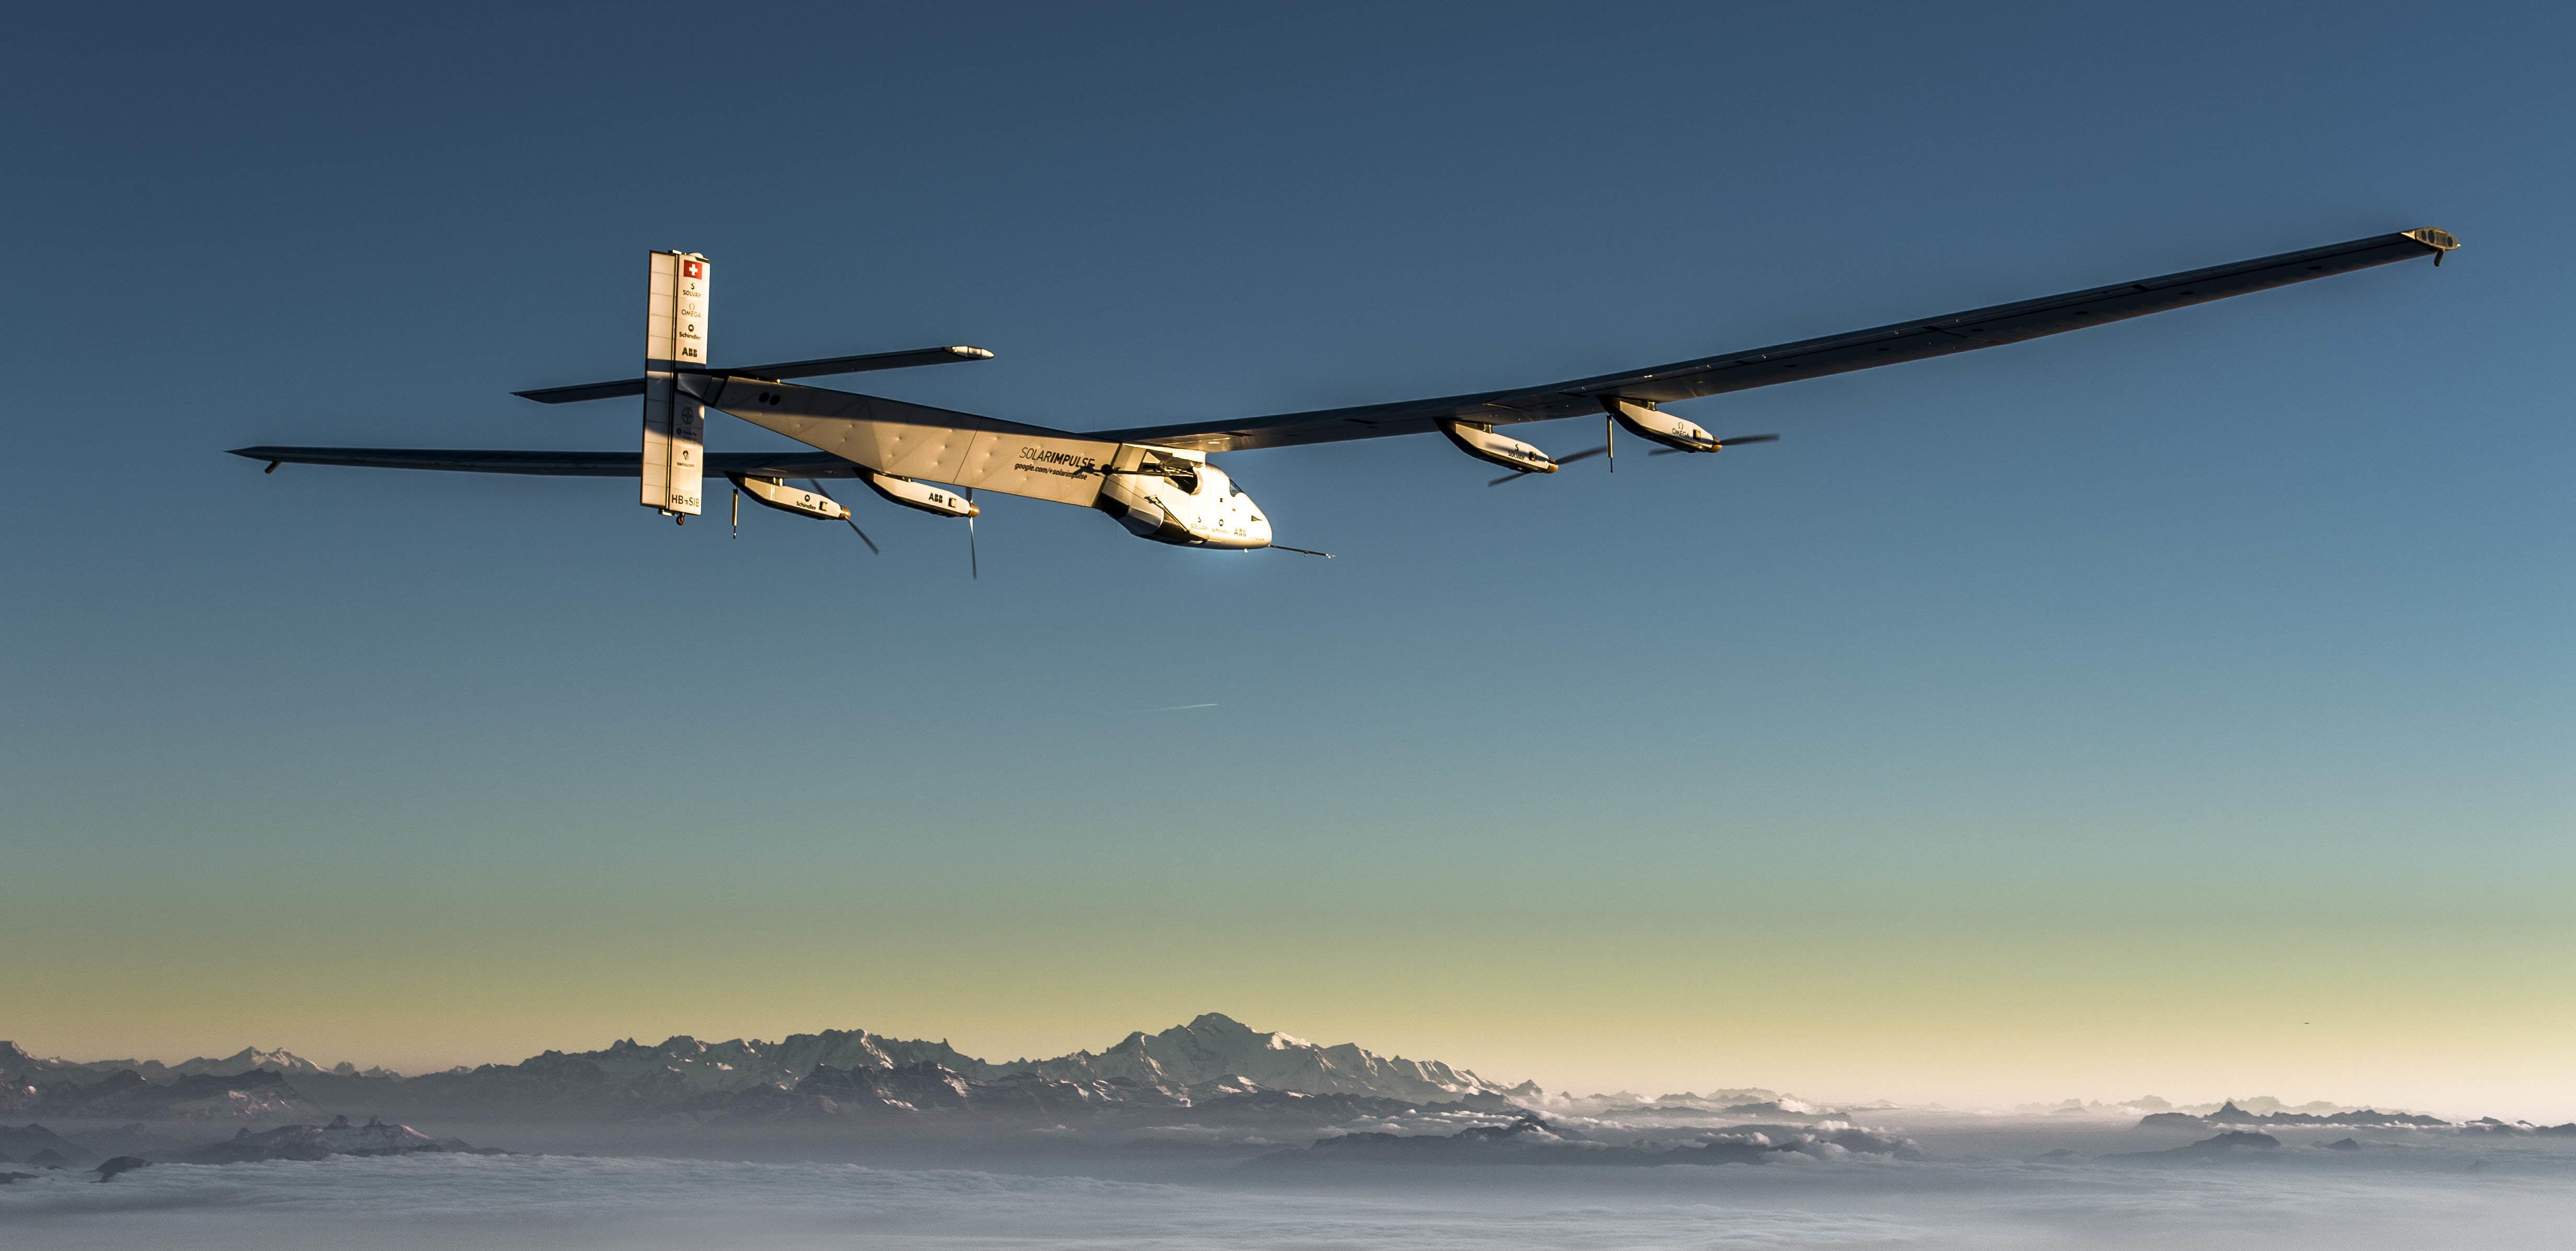 阳光动力 2 号 :一架太阳能飞机的环球旅行